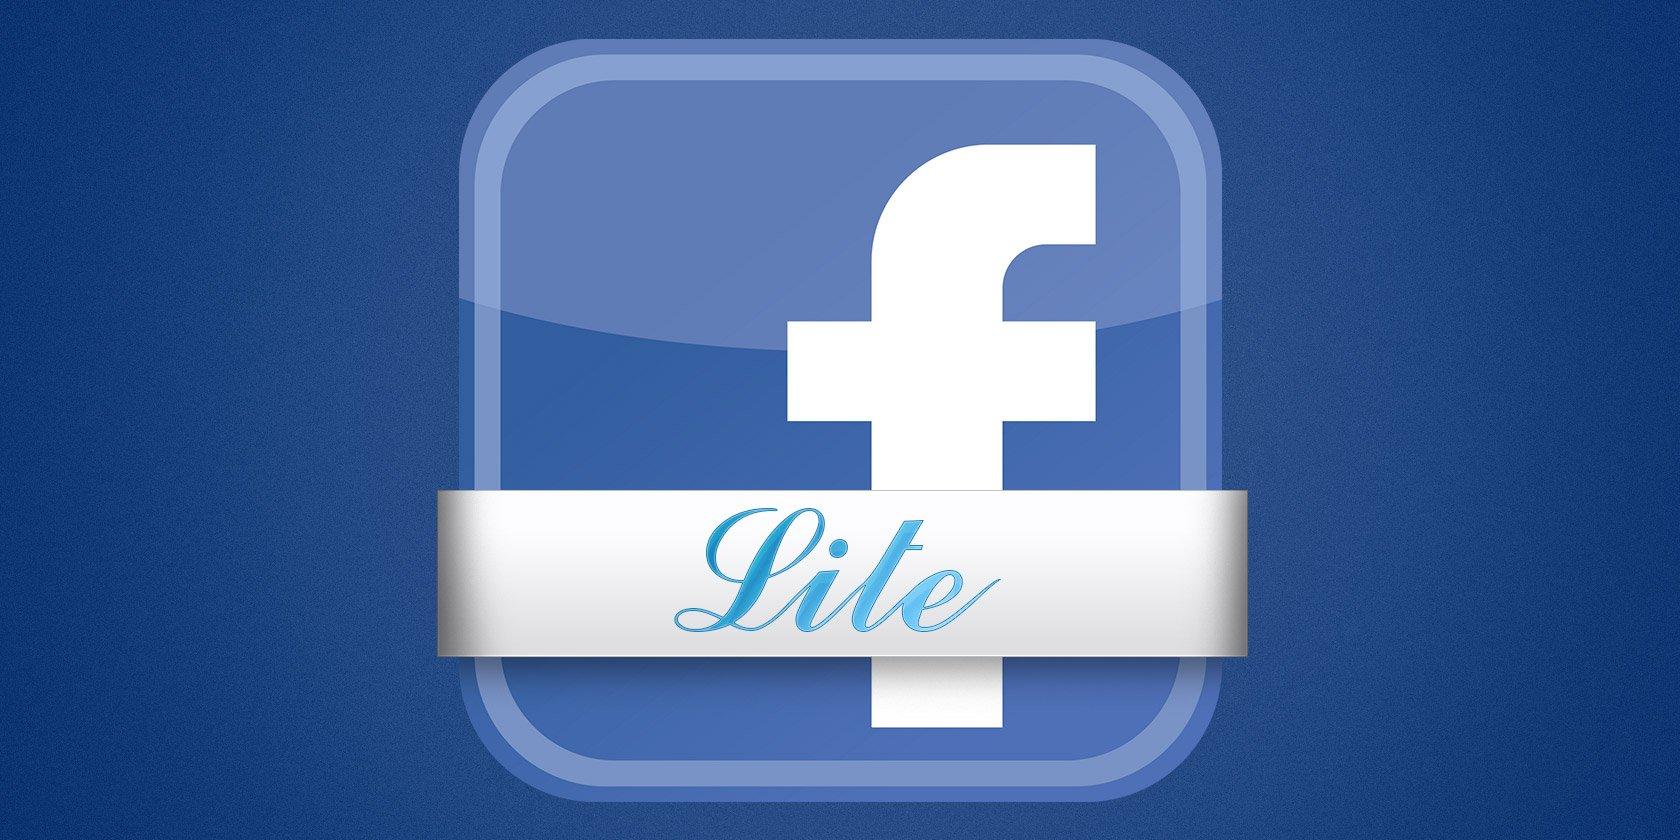 Aqui esto 4 motivos para voc passar a usar o facebook lite hoje aqui esto 4 motivos para voc passar a usar o facebook lite hoje mesmo androidpit stopboris Image collections